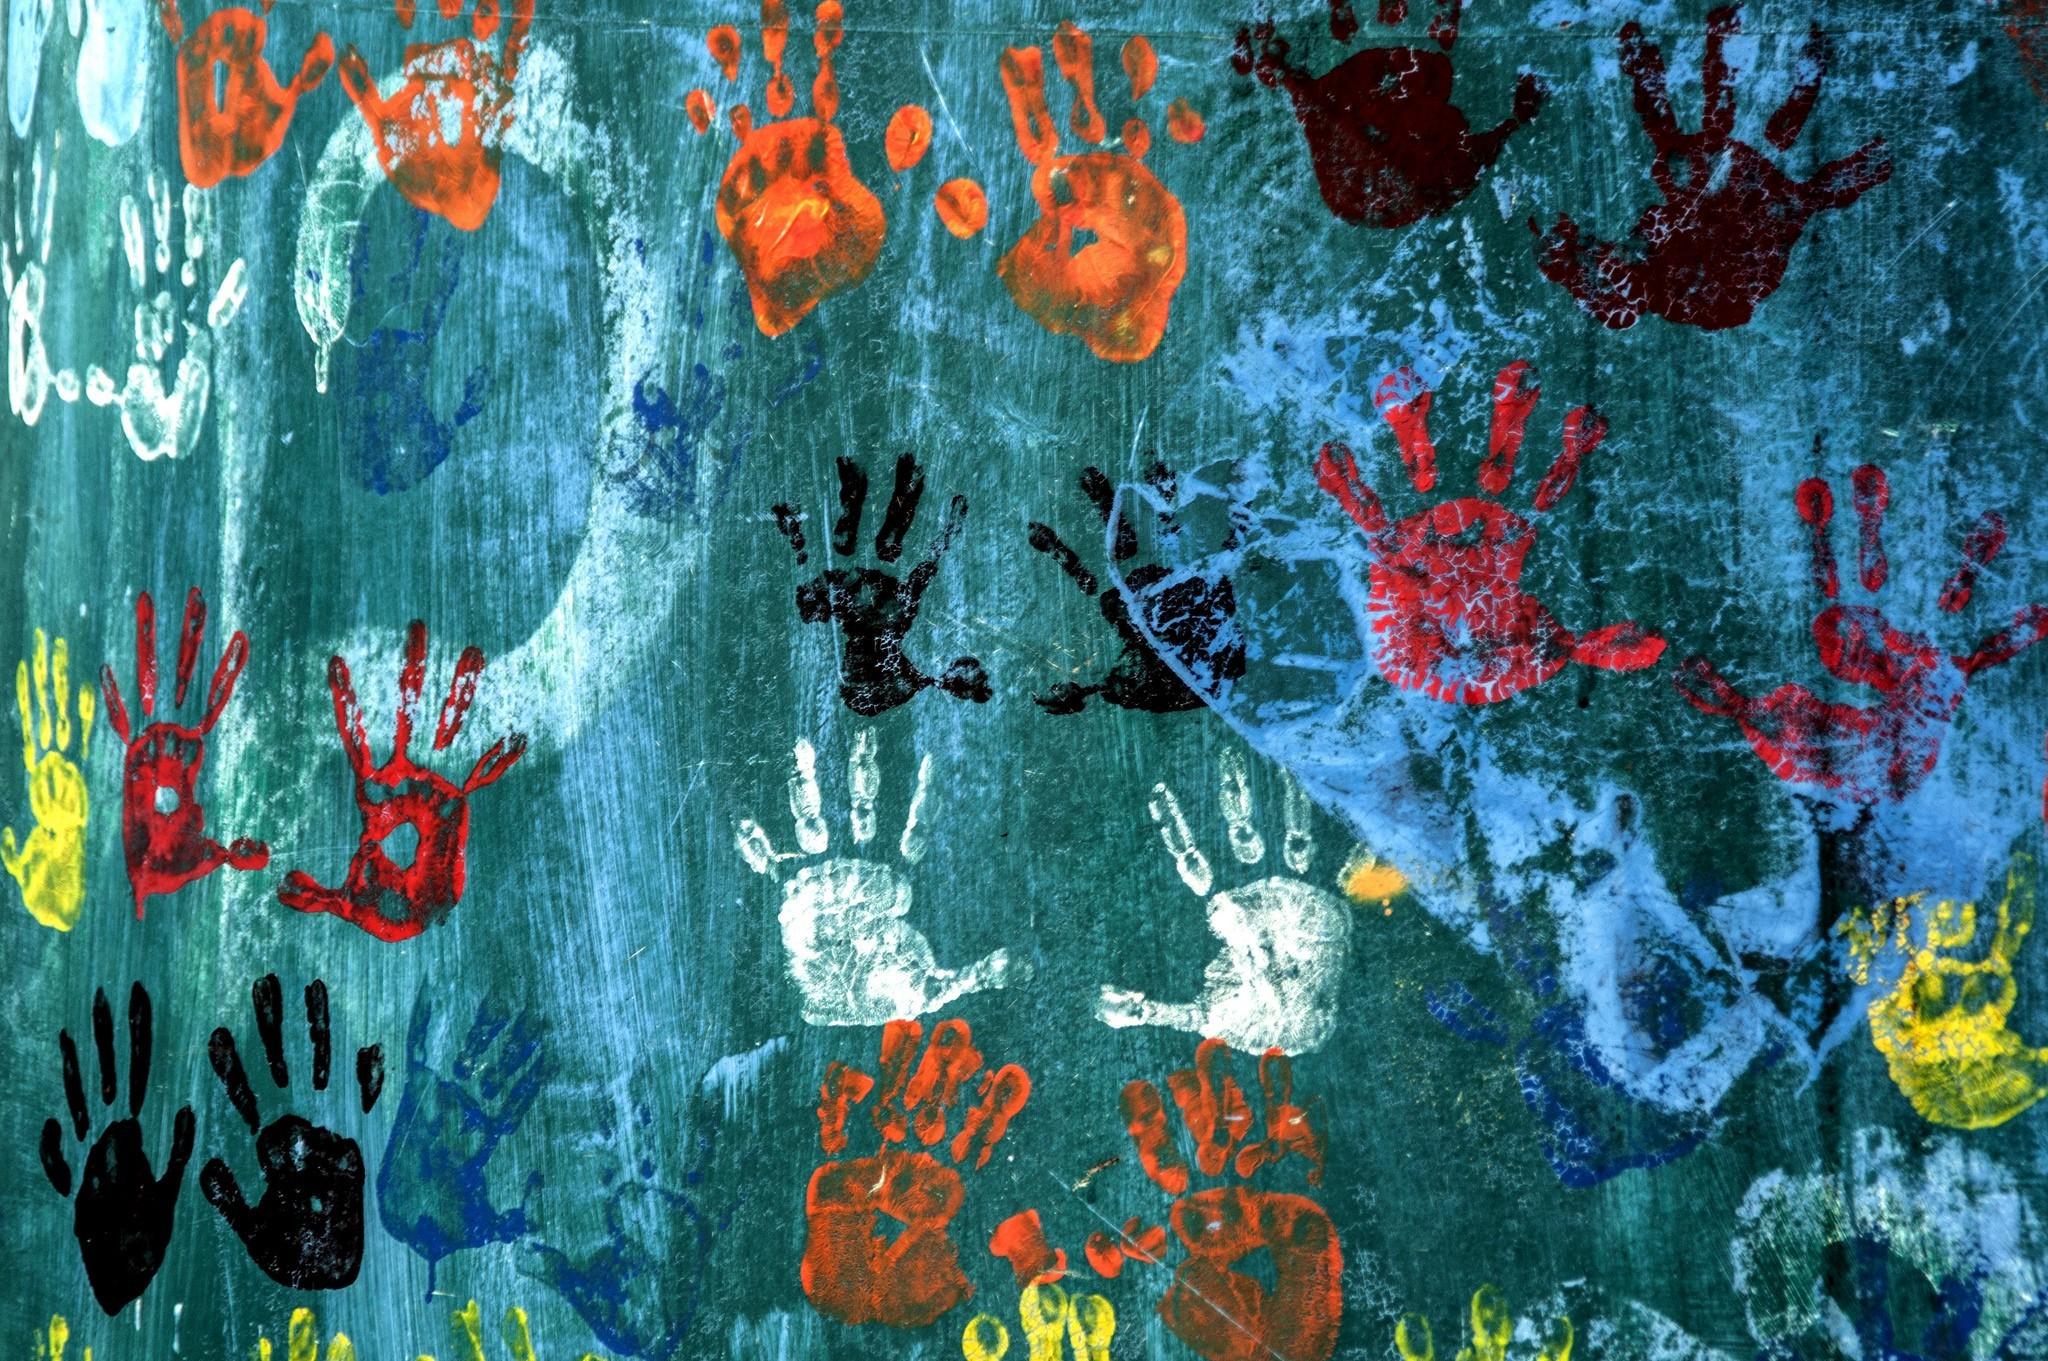 Masaüstü Boyama Illüstrasyon Doku El Izleri Sanat Renk